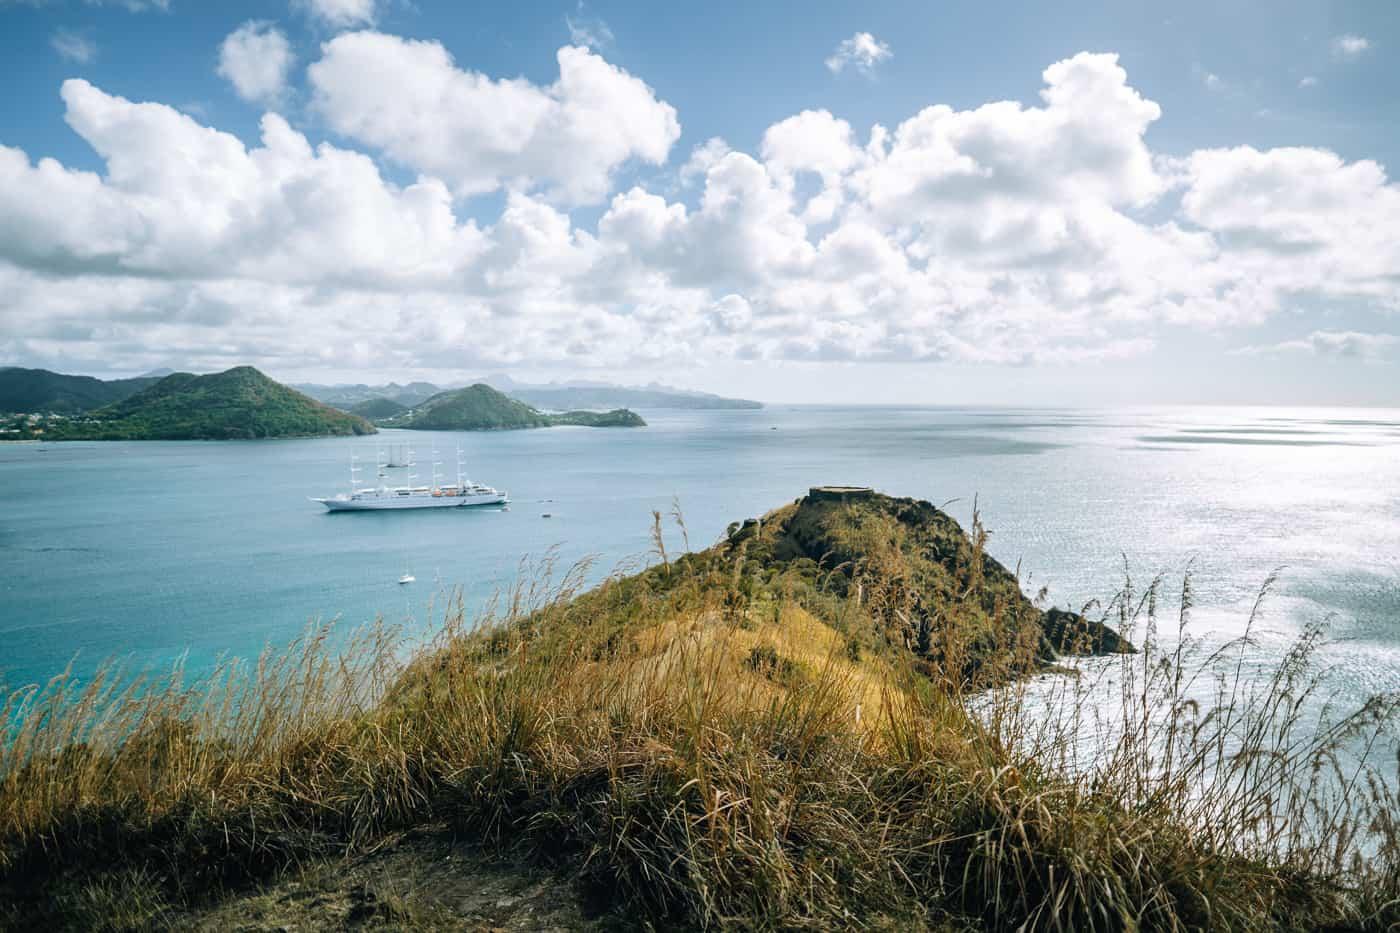 Saint Lucia - Tipps, Sehenswürdigkeiten, Strände & Ausflugsziele auf der Karibik-Insel: Pigeon Island